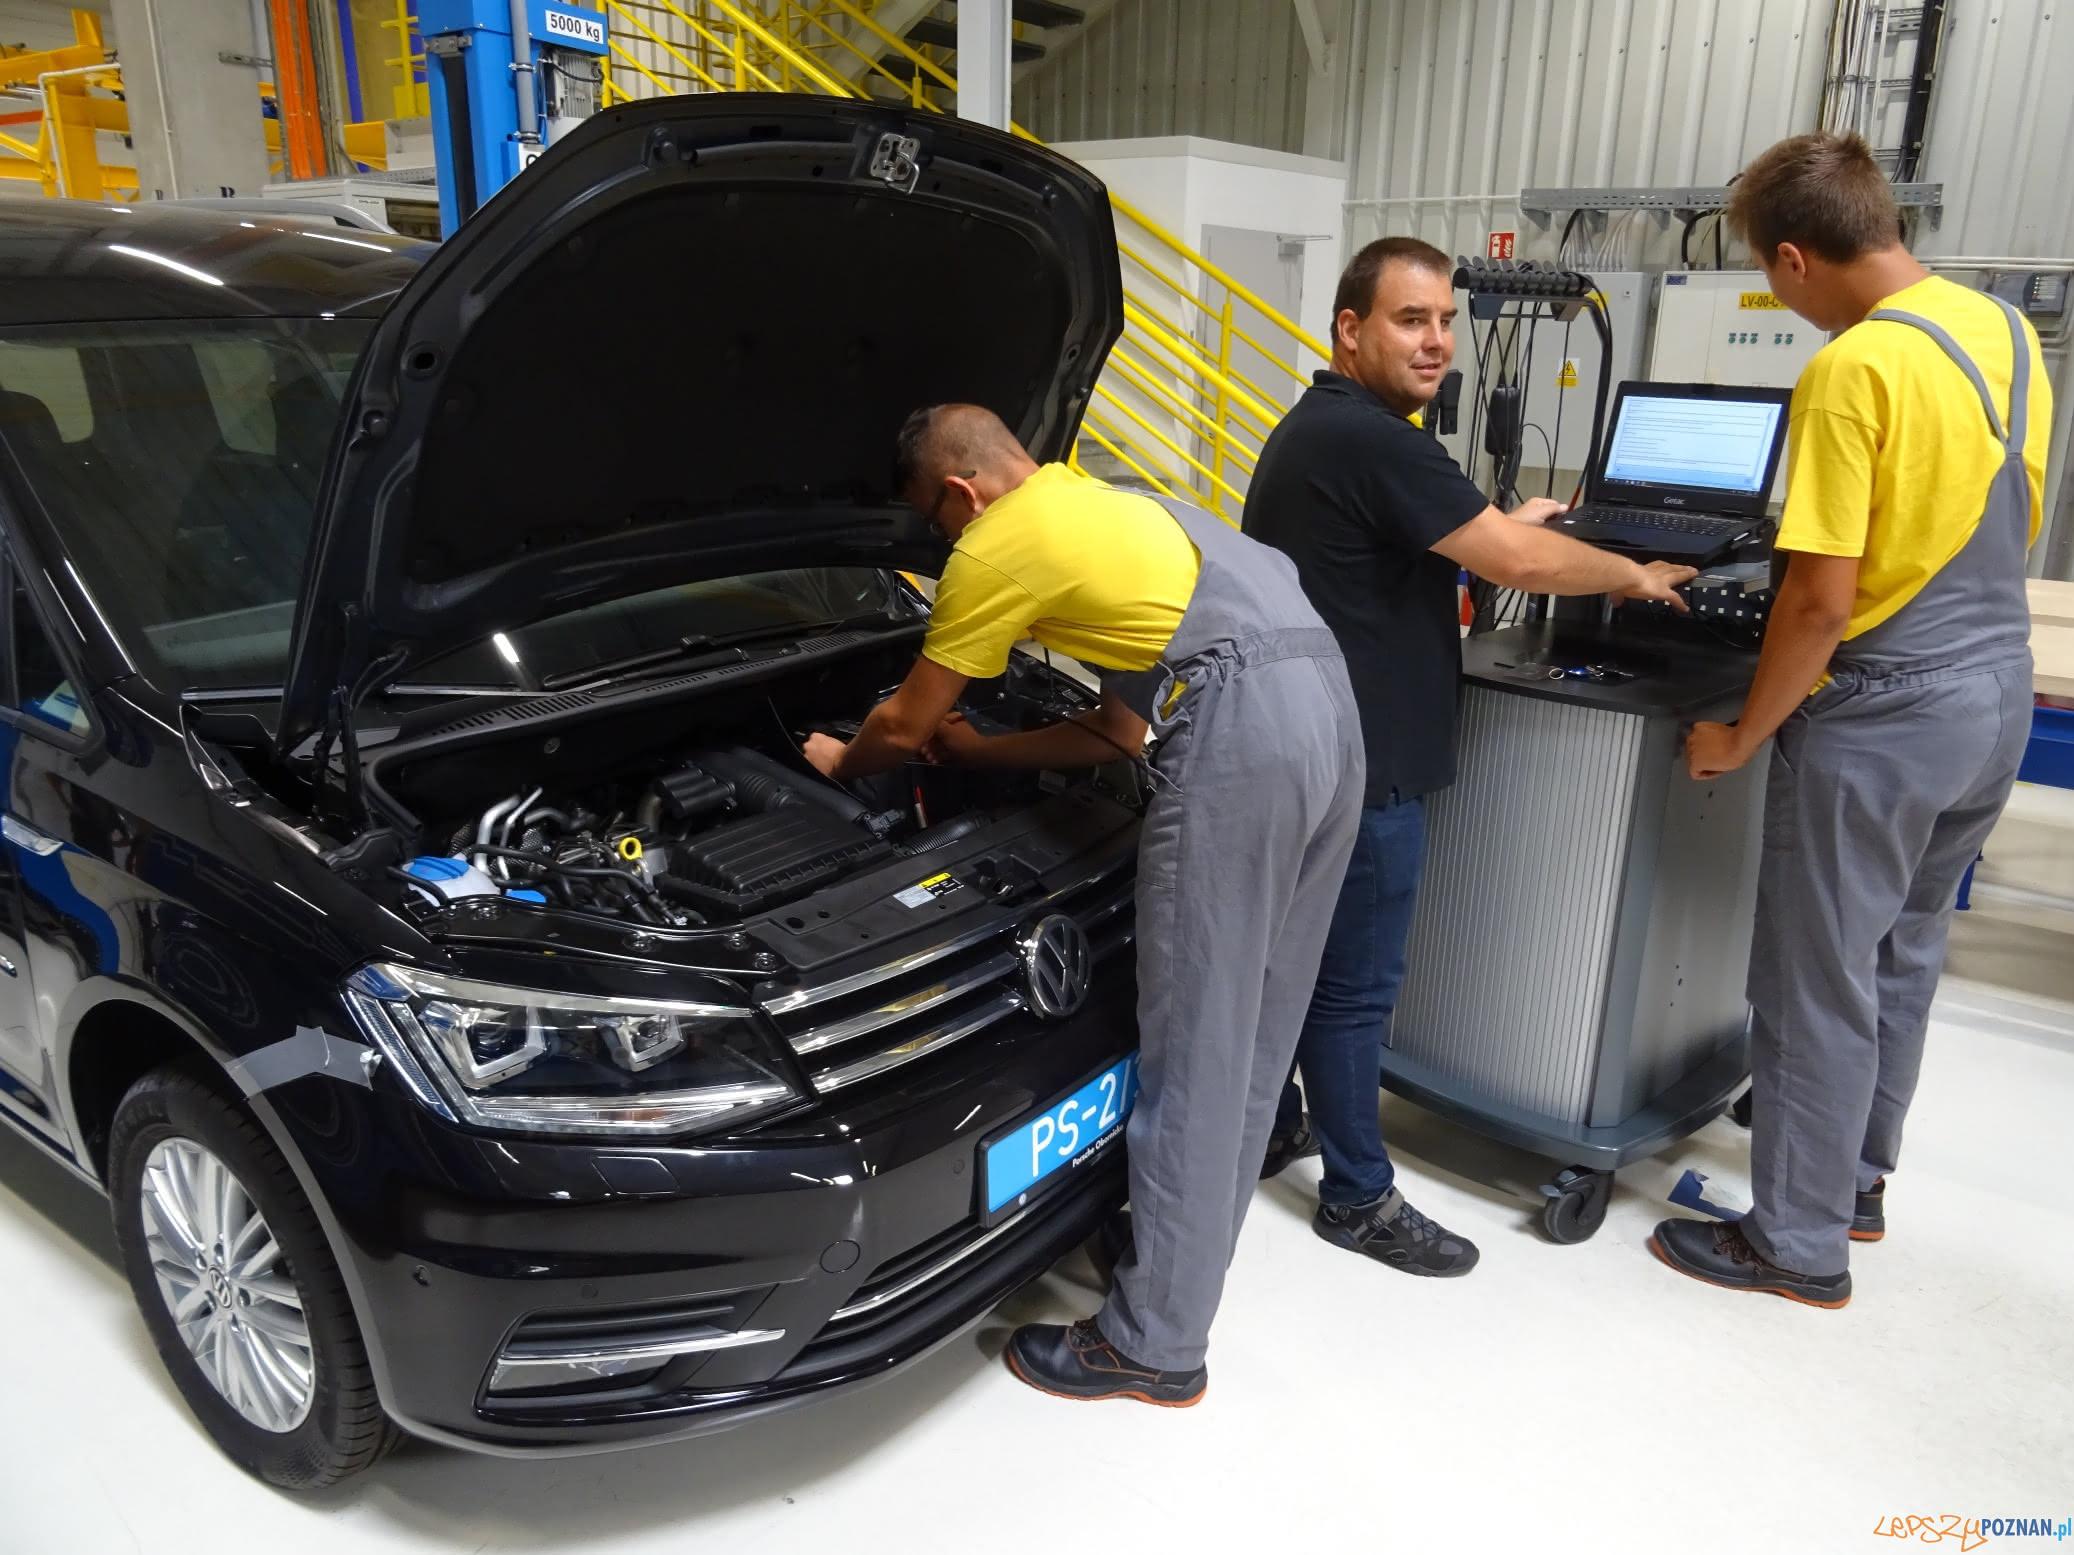 Elektromechanik pojazdow samochodowych  Foto: VW / materiały prasowe